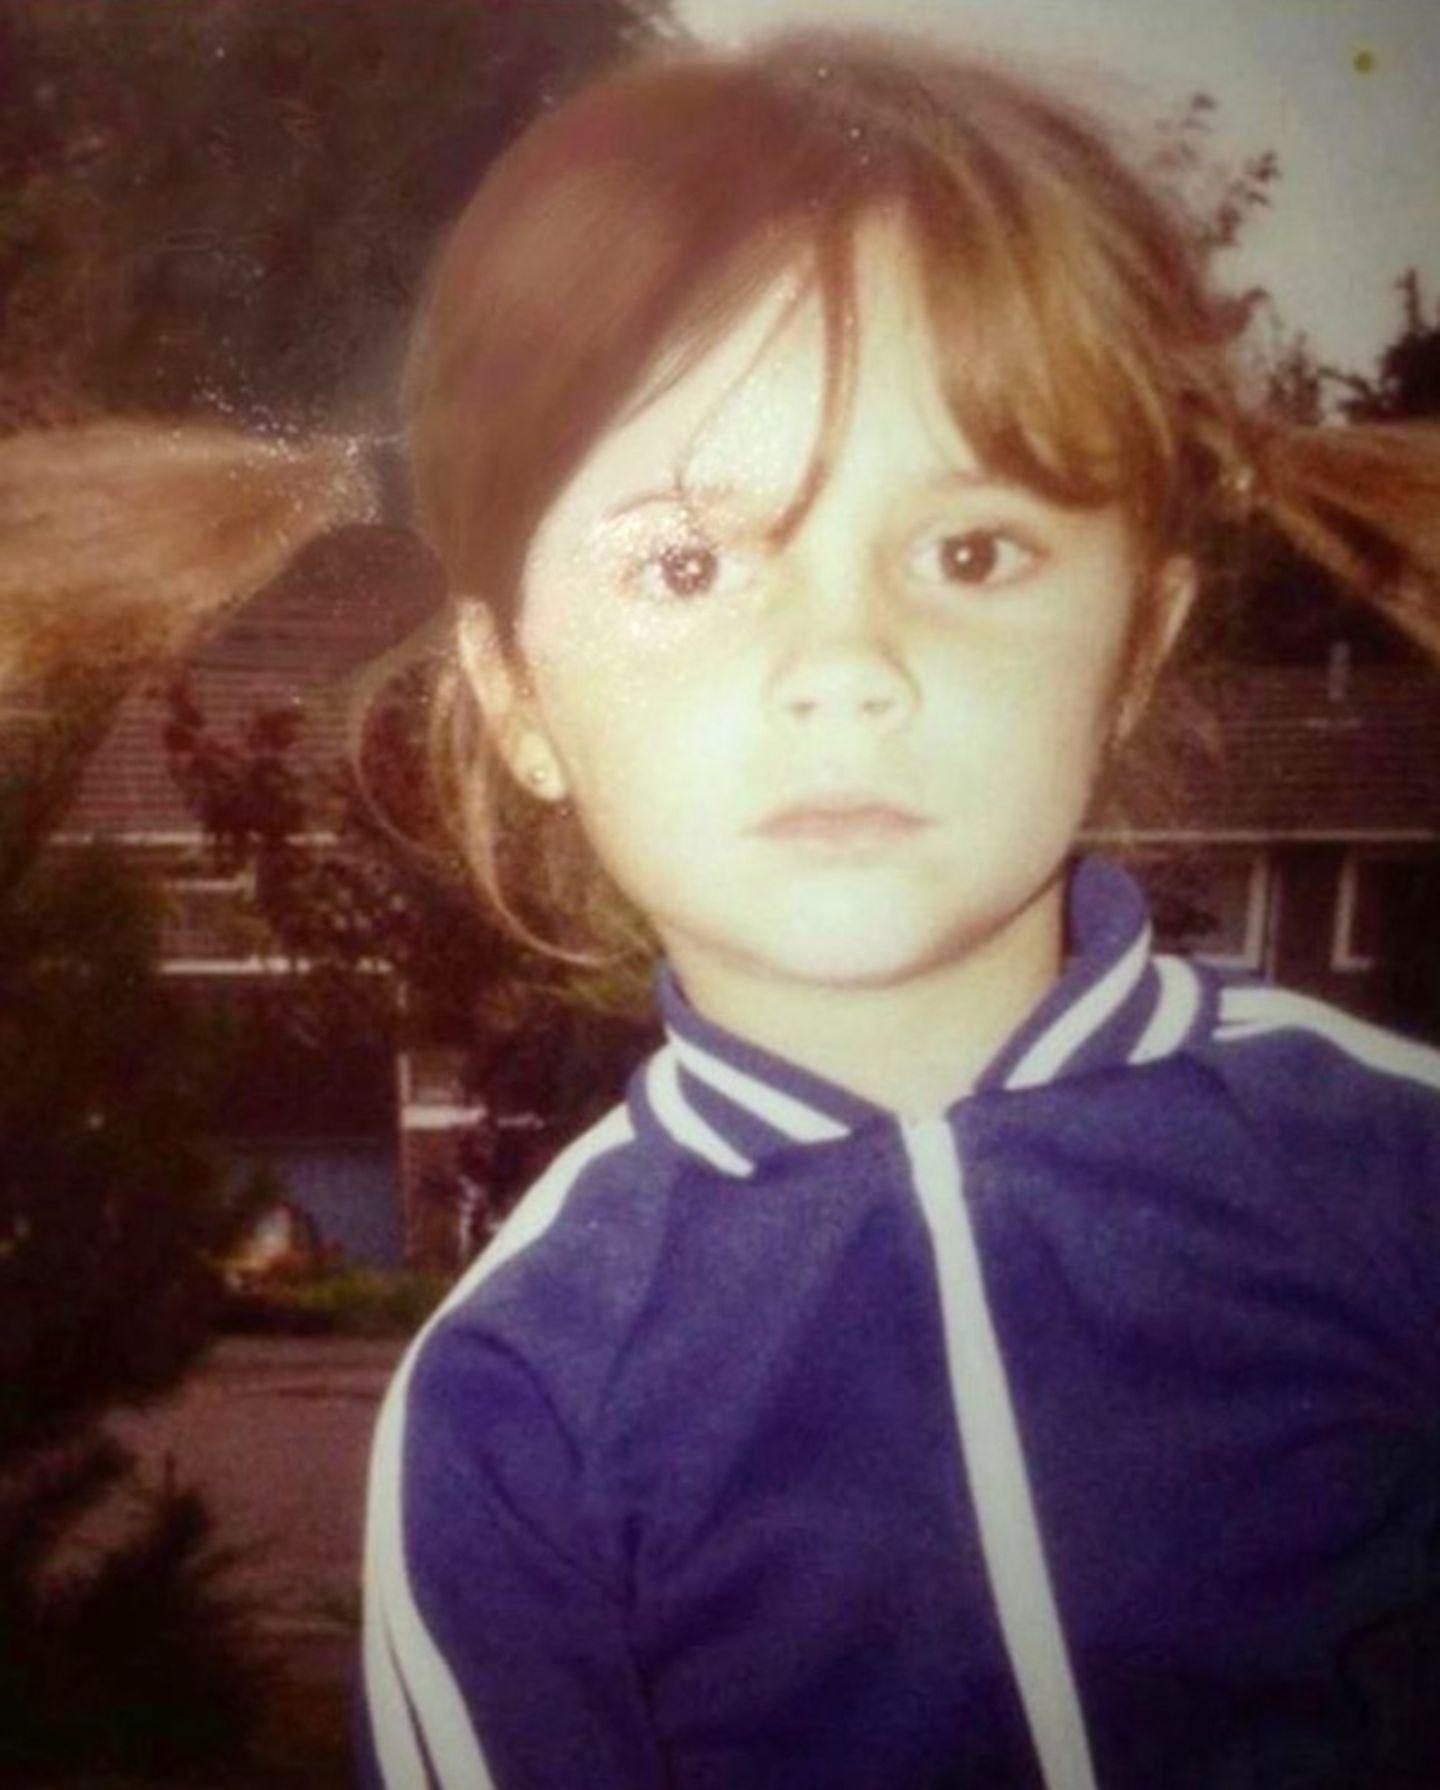 """Victoria Beckham  Mit frechen Zöpfchen und Trainingsjacke schaut die kleine Victoria Beckham entschlossen in die Kamera. Die strenge Miene beherrscht """"Posh Spice""""offensichtlich schon von Kindheitstagen an. Vielleicht ahnt sie bereits, dass ihre Disziplin ihreines Tages zu einer großen Karriere verhilft."""